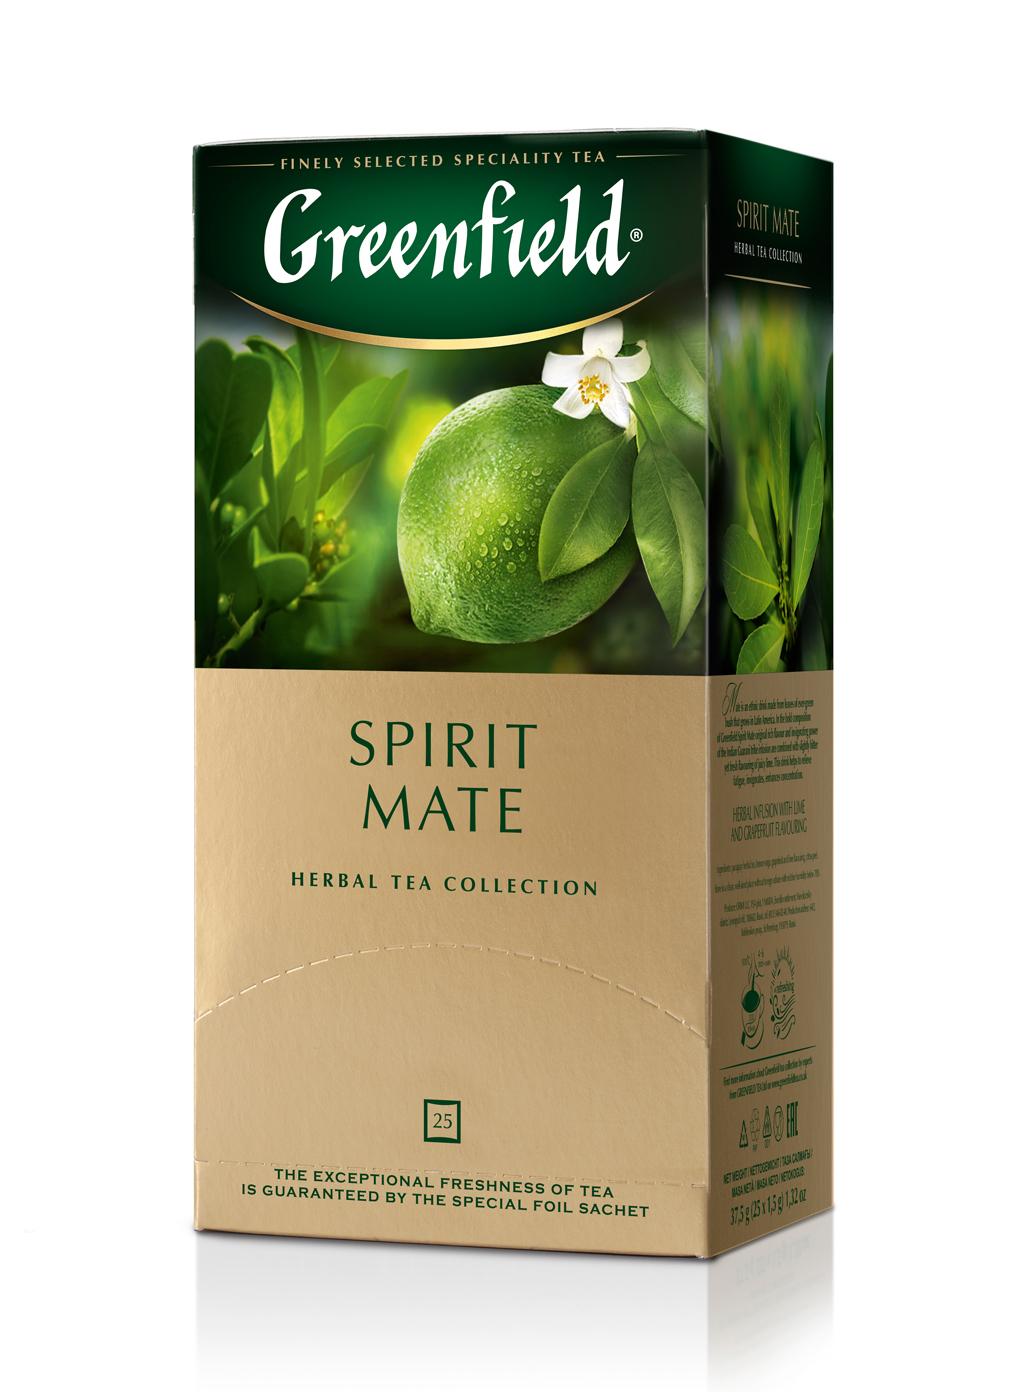 Чай травяной Spirit Mate 100пак. по 2гр., термосаше, в пакете Greenfield - фото 1